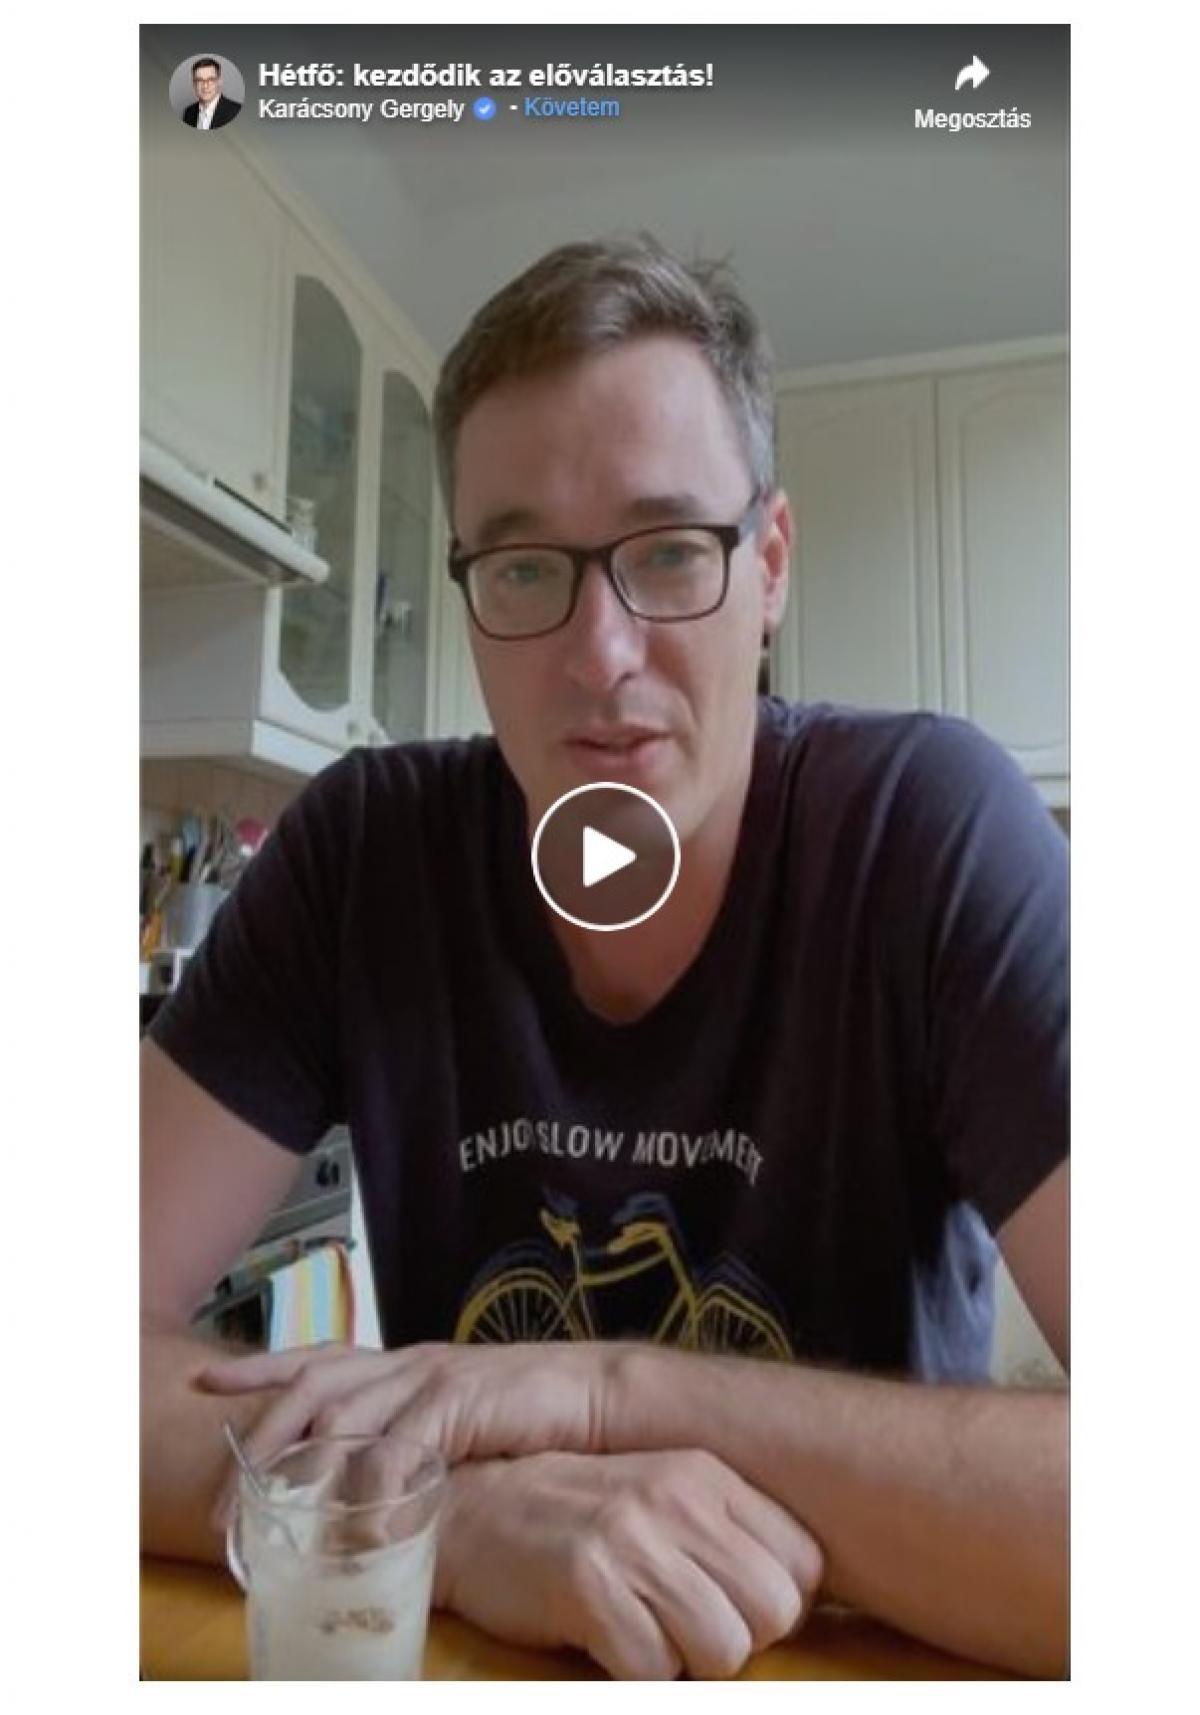 Az elgyengült Karácsony szójalattés videóval üzeni a lezsírozott előválasztás kezdetén: történelmi ez a nap